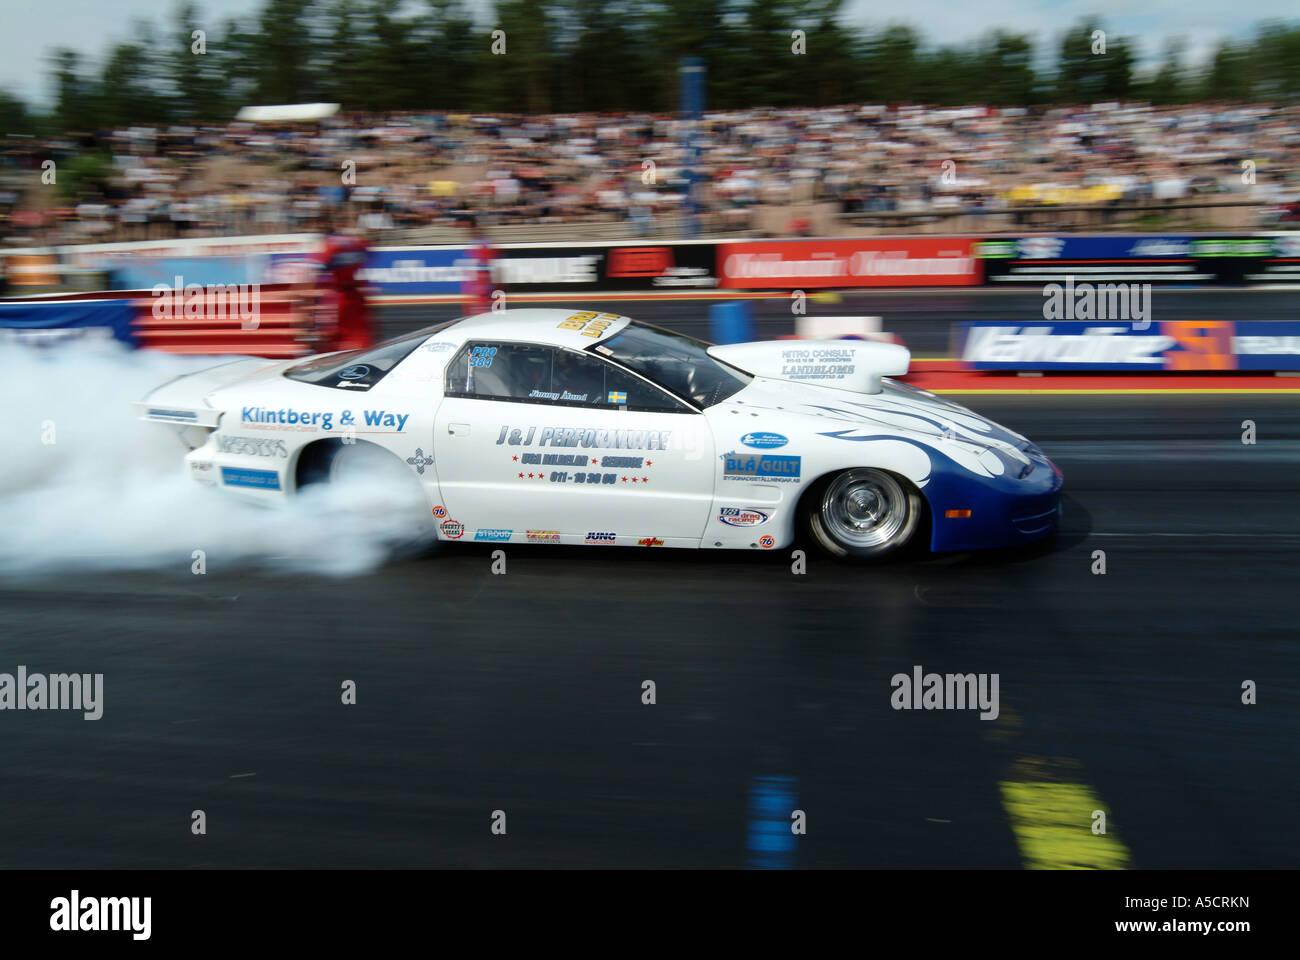 pro stock pontiac firebird drag racing car Stock Photo: 11272472 - Alamy